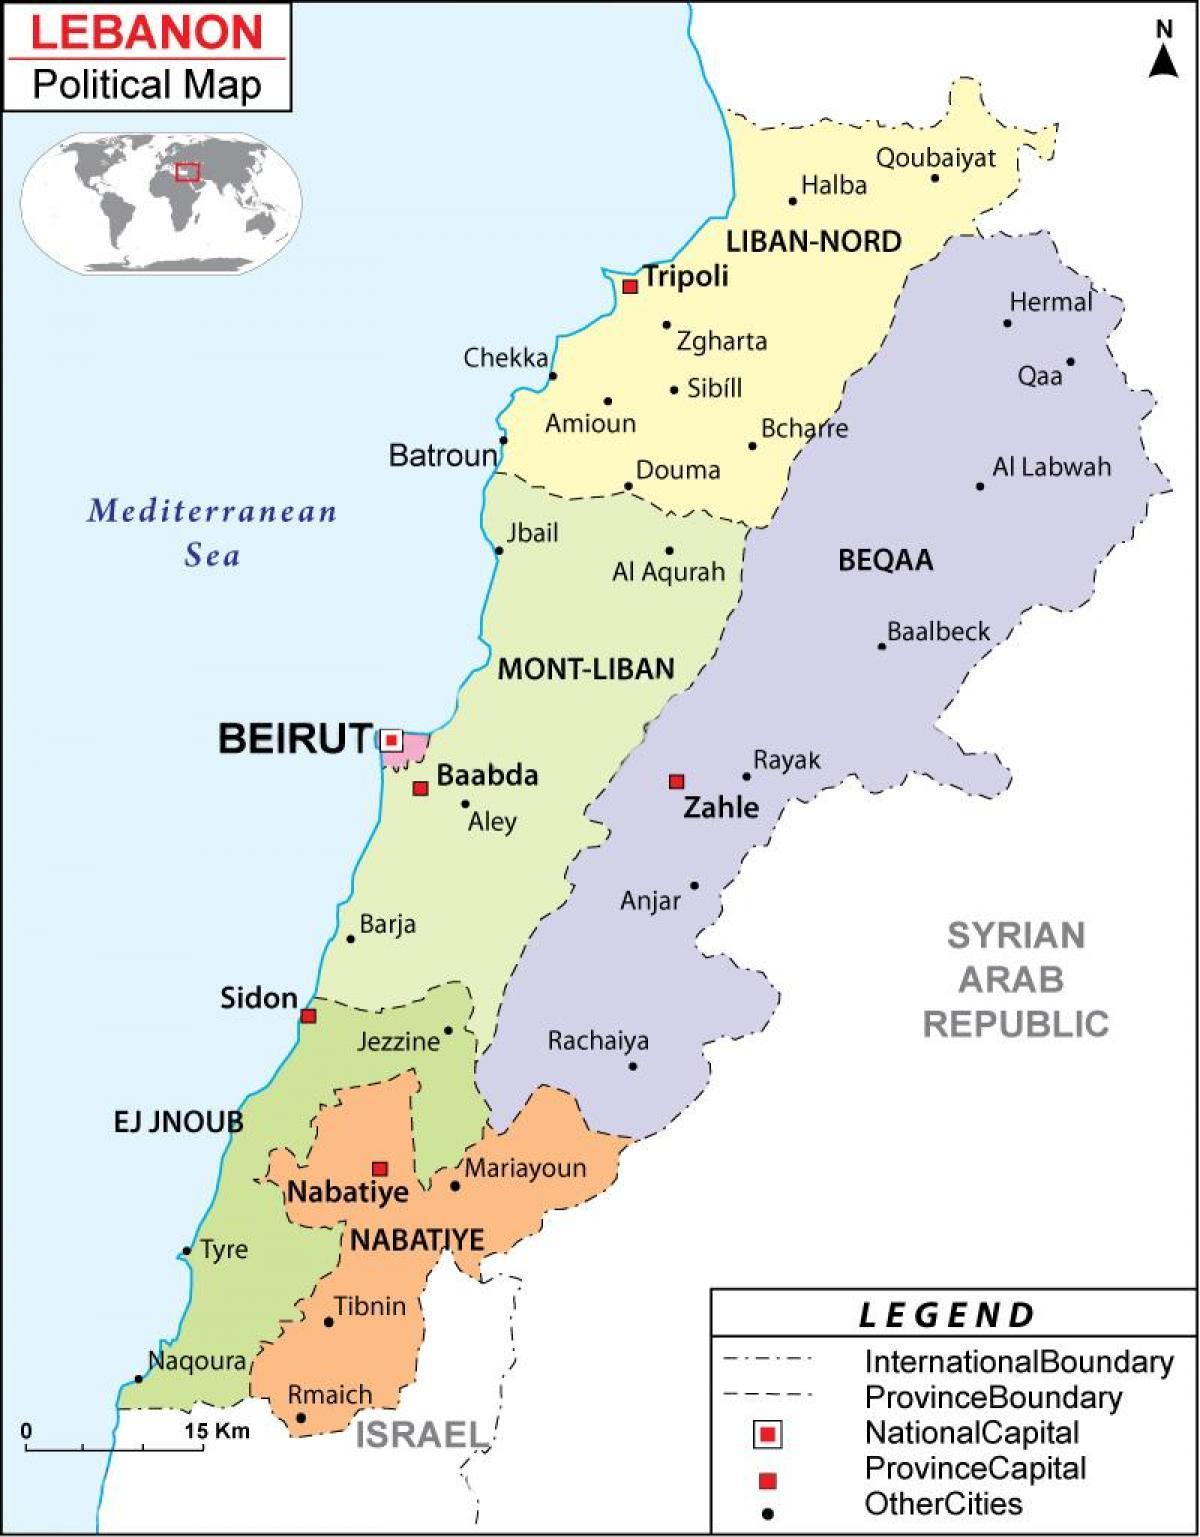 Cartina Fisica Del Libano.Libano Politico Sulla Mappa Mappa Del Libano Politico Asia Occidentale Asia